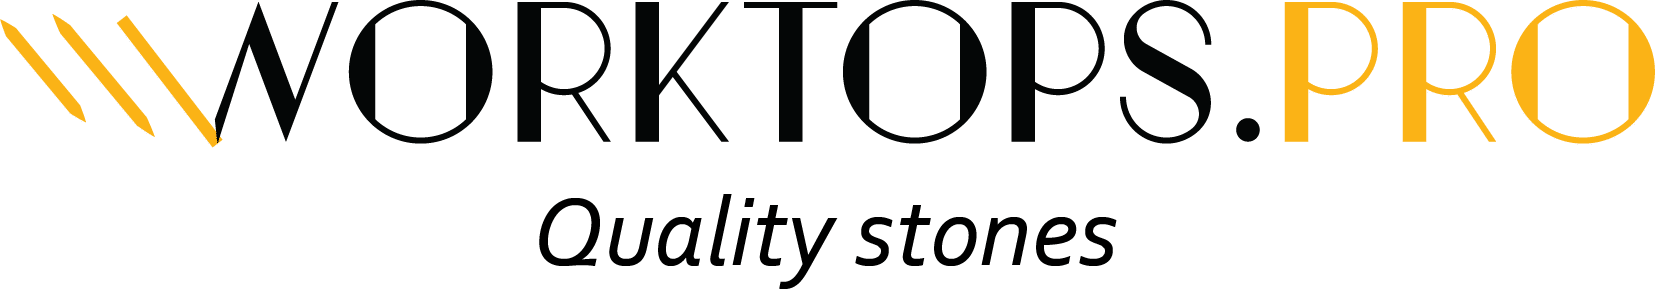 Worktops Pro Logo